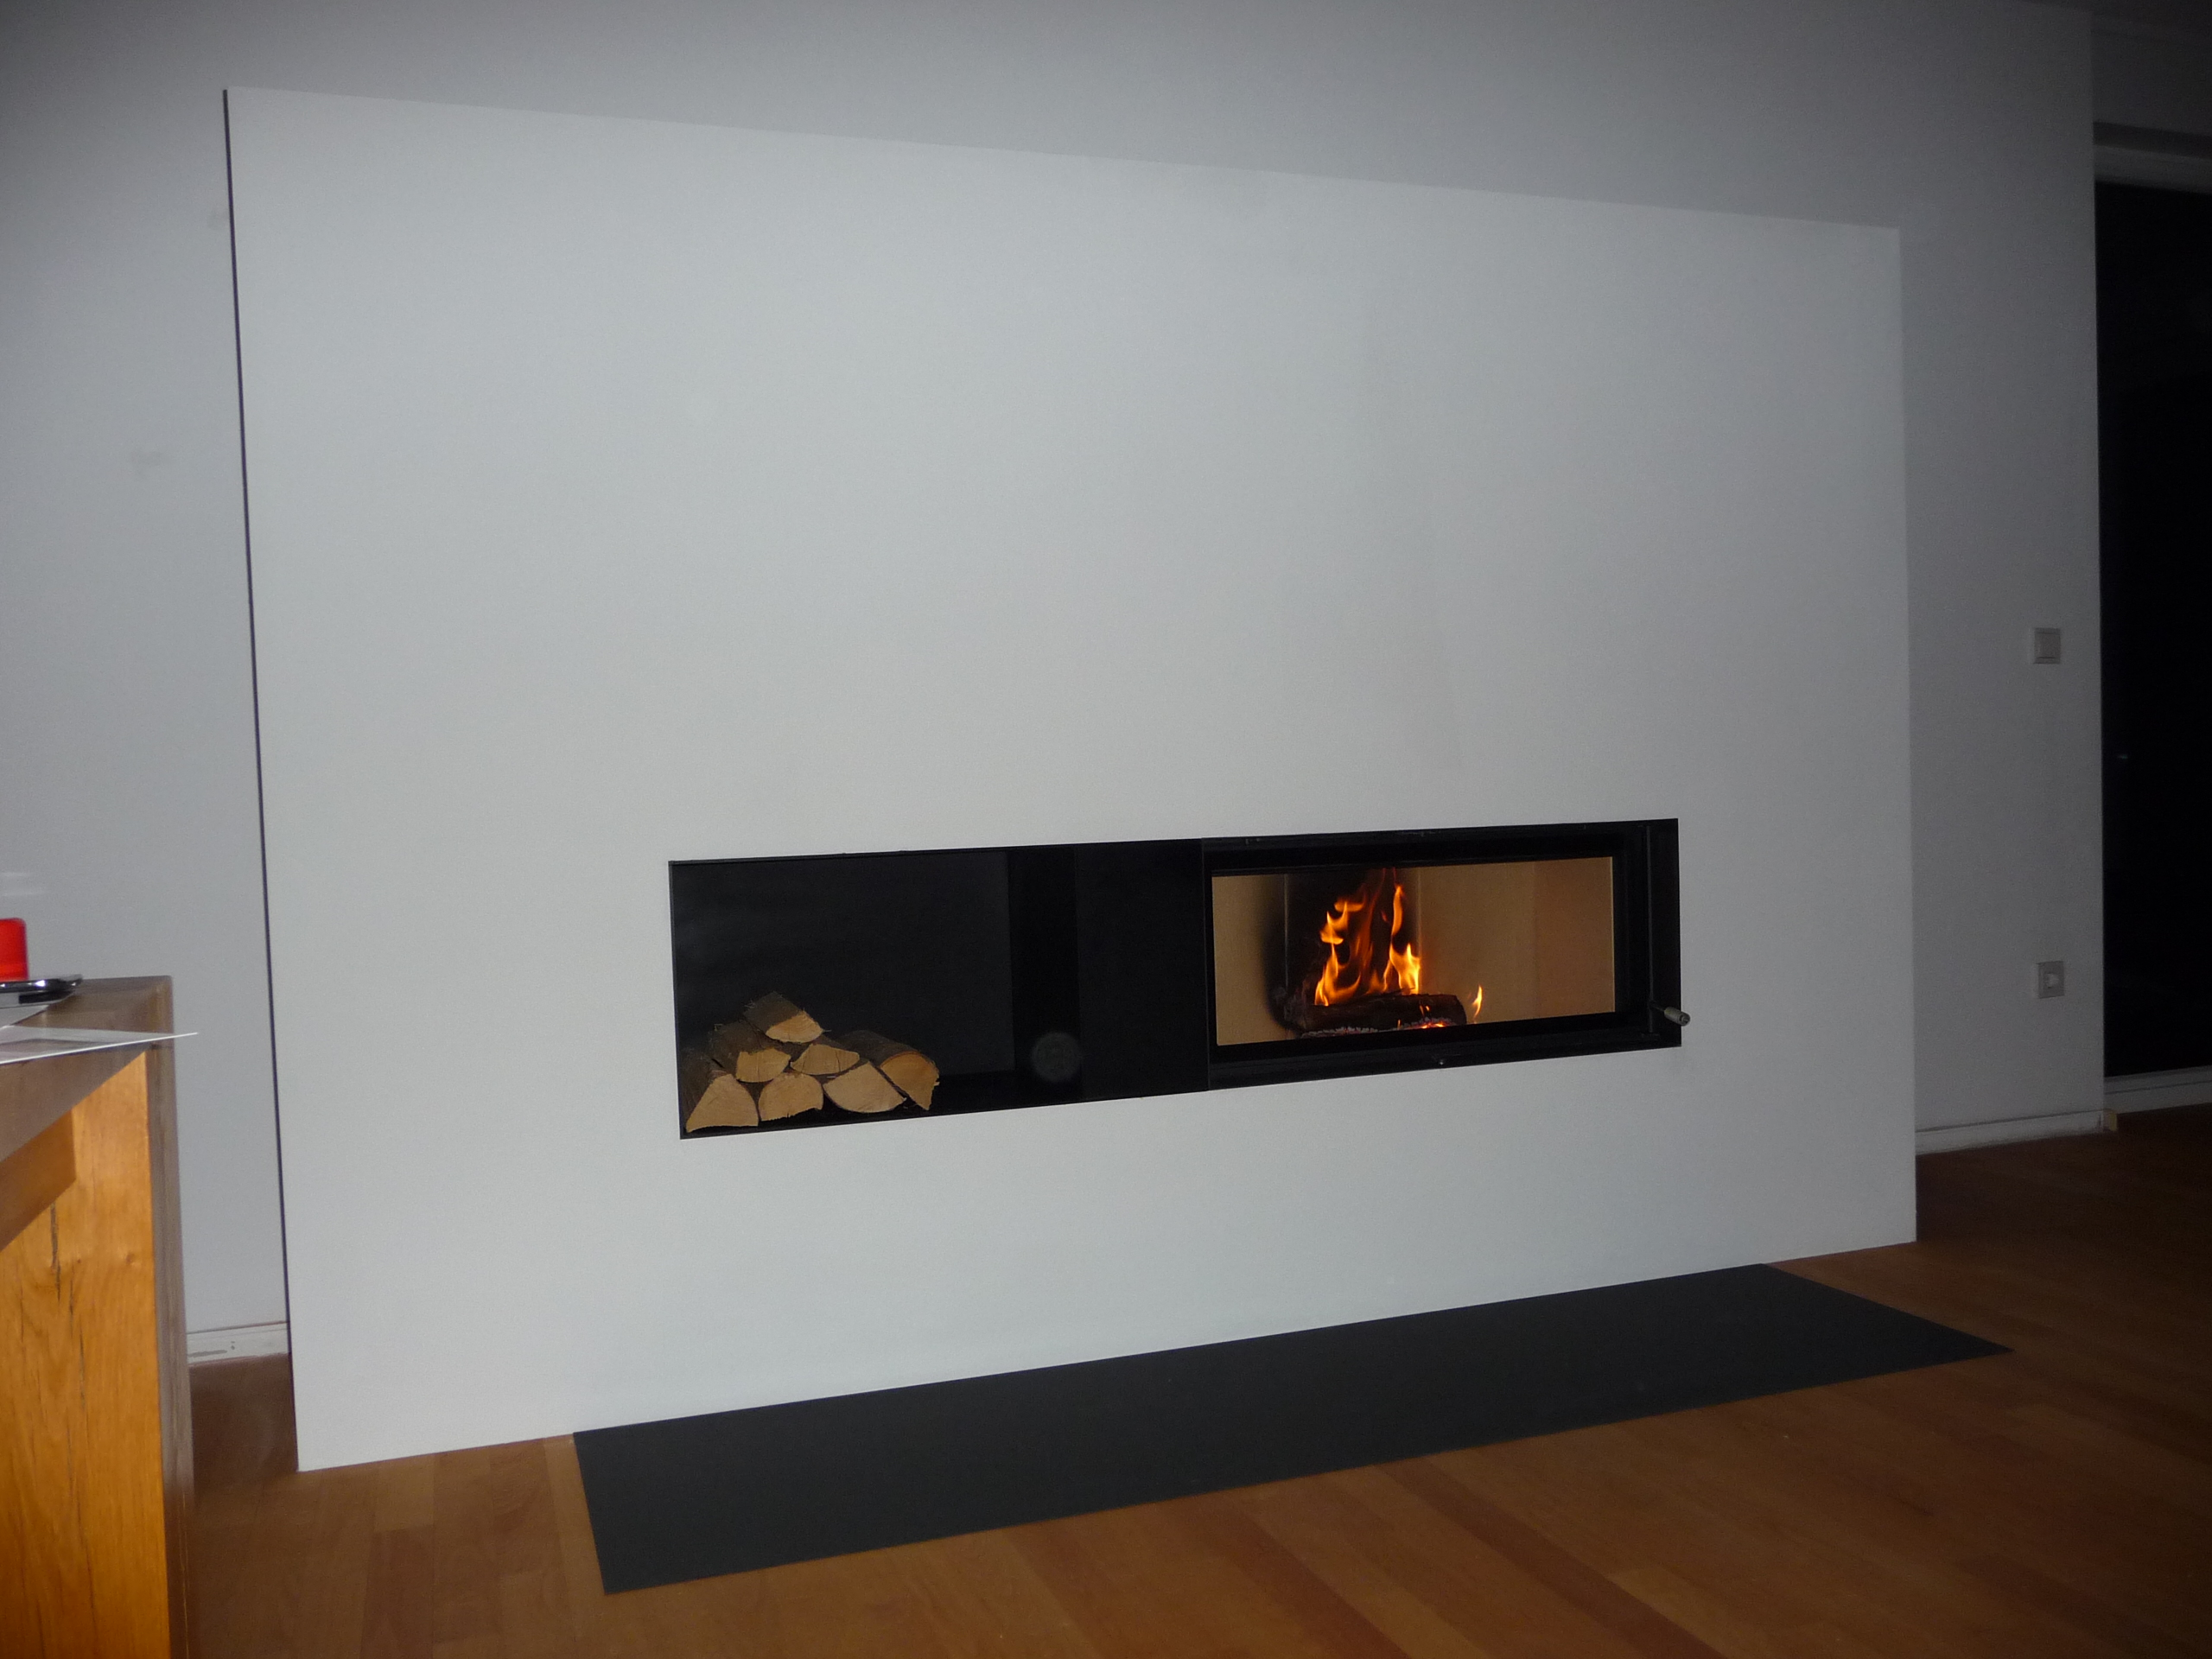 brunner architekturkamin 38 86 kamineinsatz. Black Bedroom Furniture Sets. Home Design Ideas